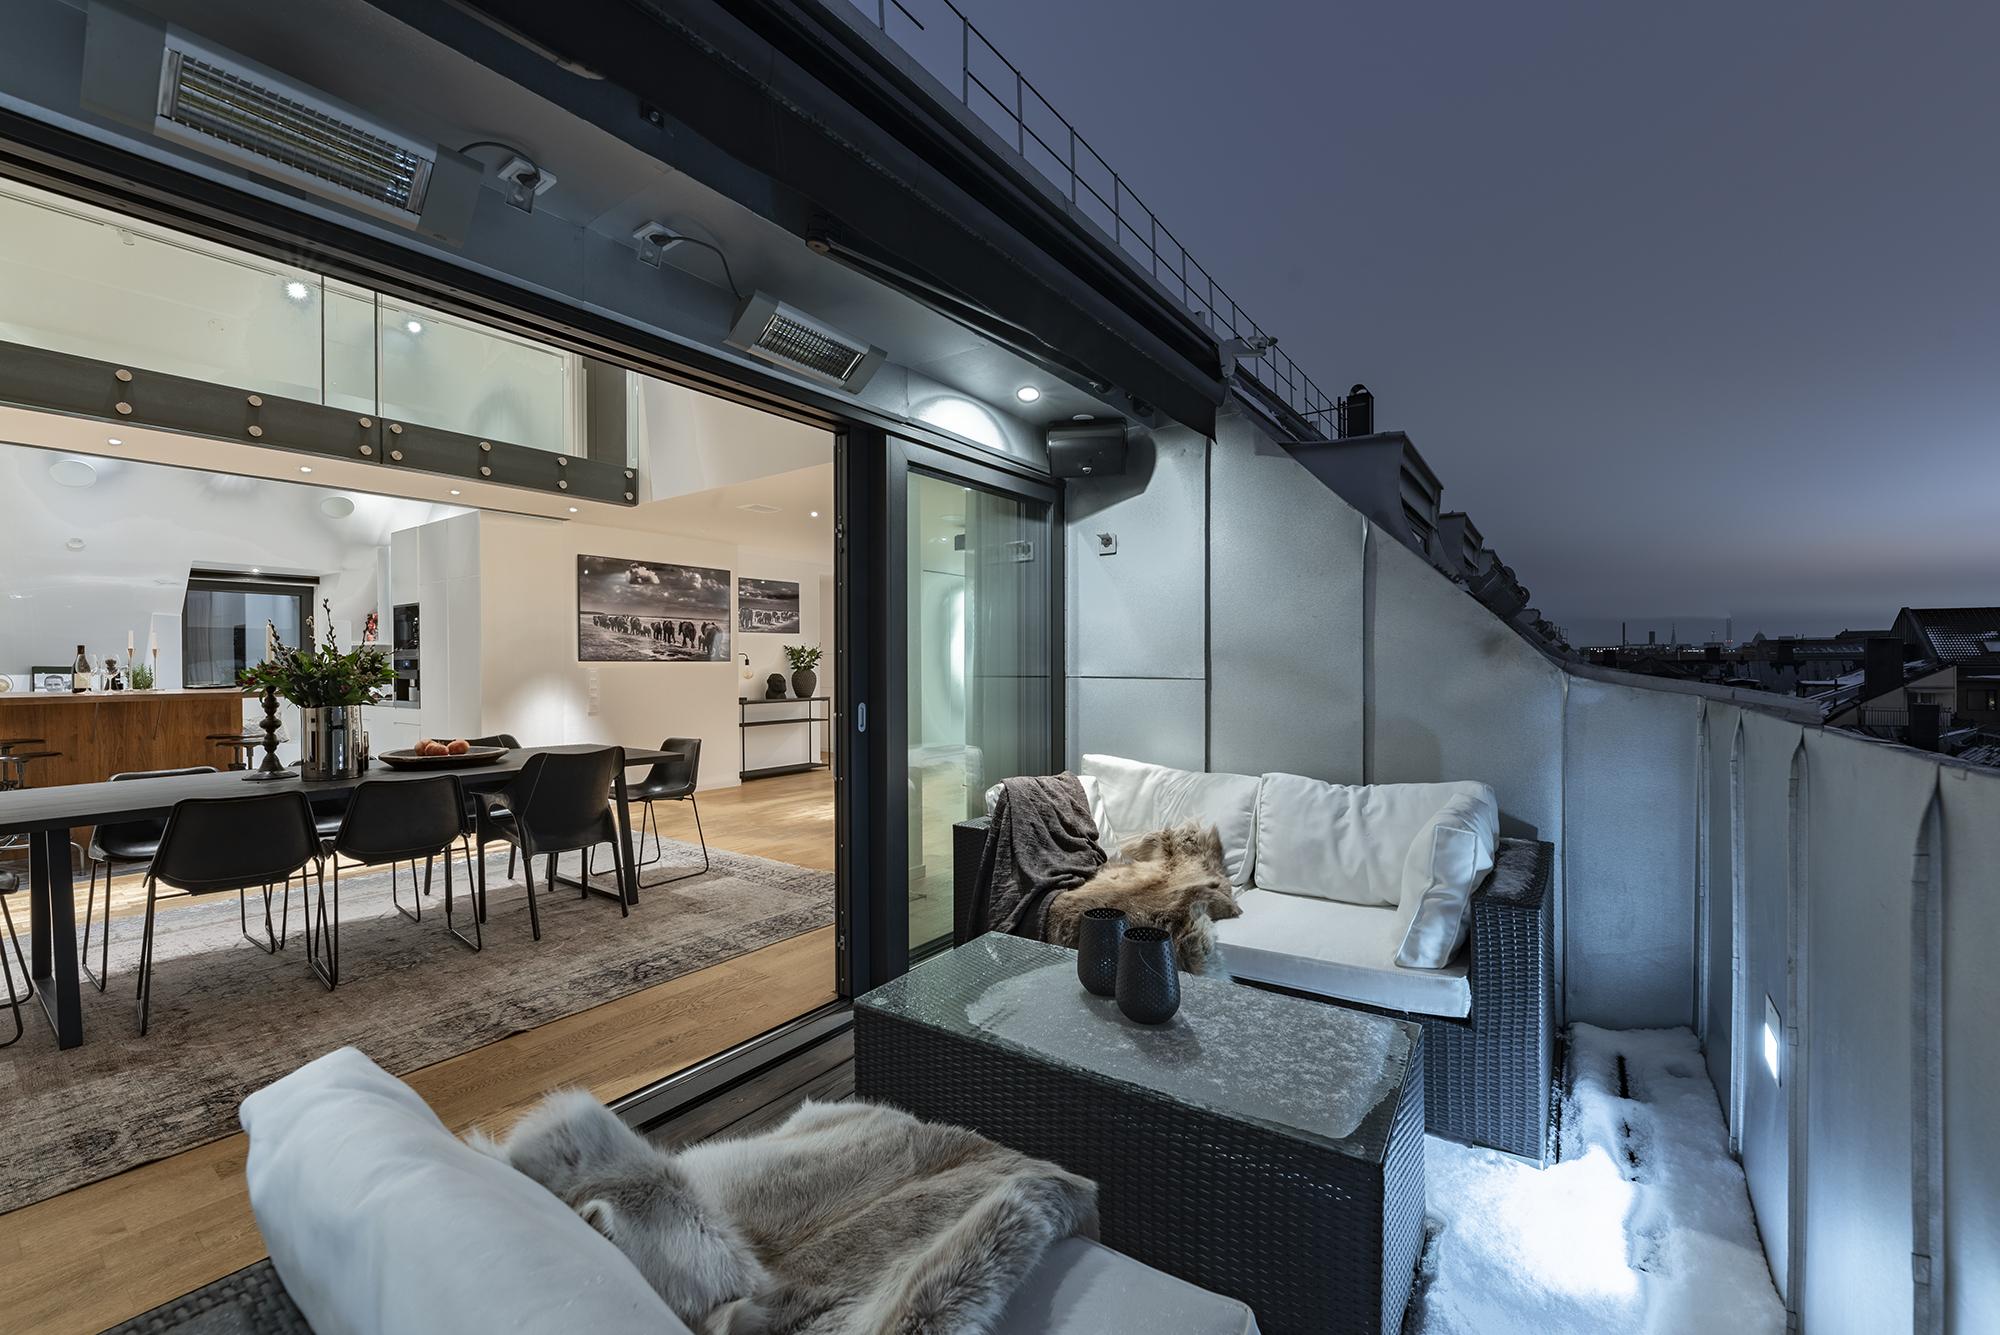 Rymlig altan med gott om plats för utemöbler